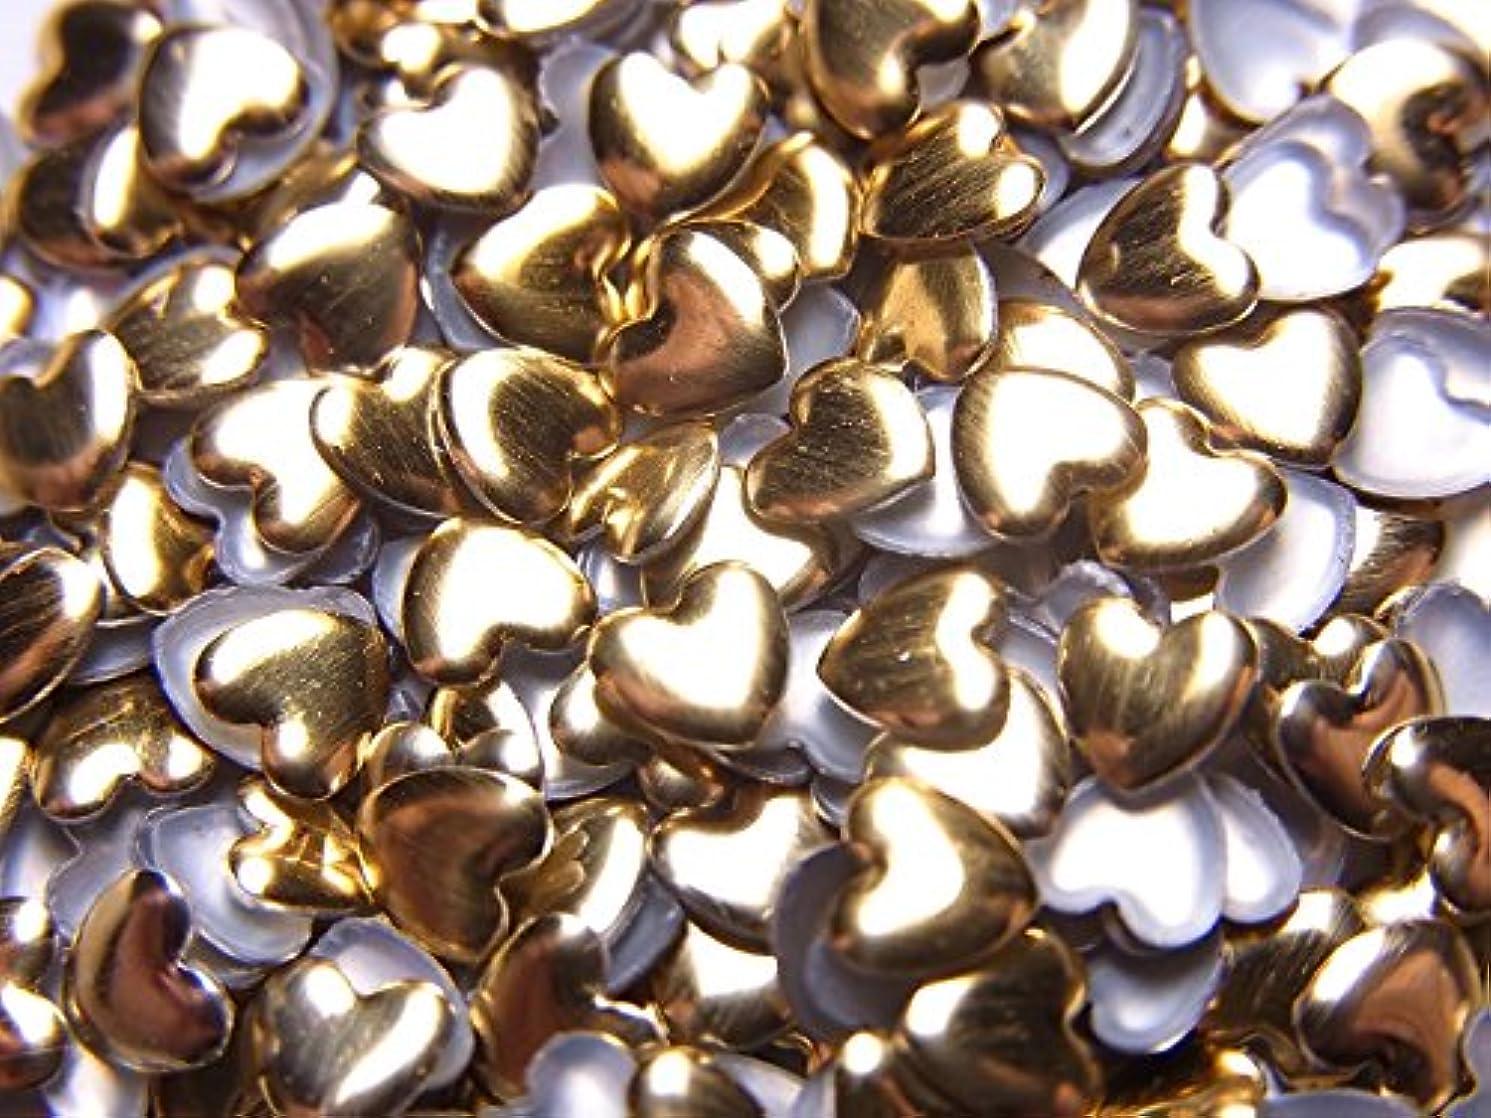 ペルソナ学期一月【jewel】ハート型 メタルスタッズ 4mm ゴールド 100粒入り